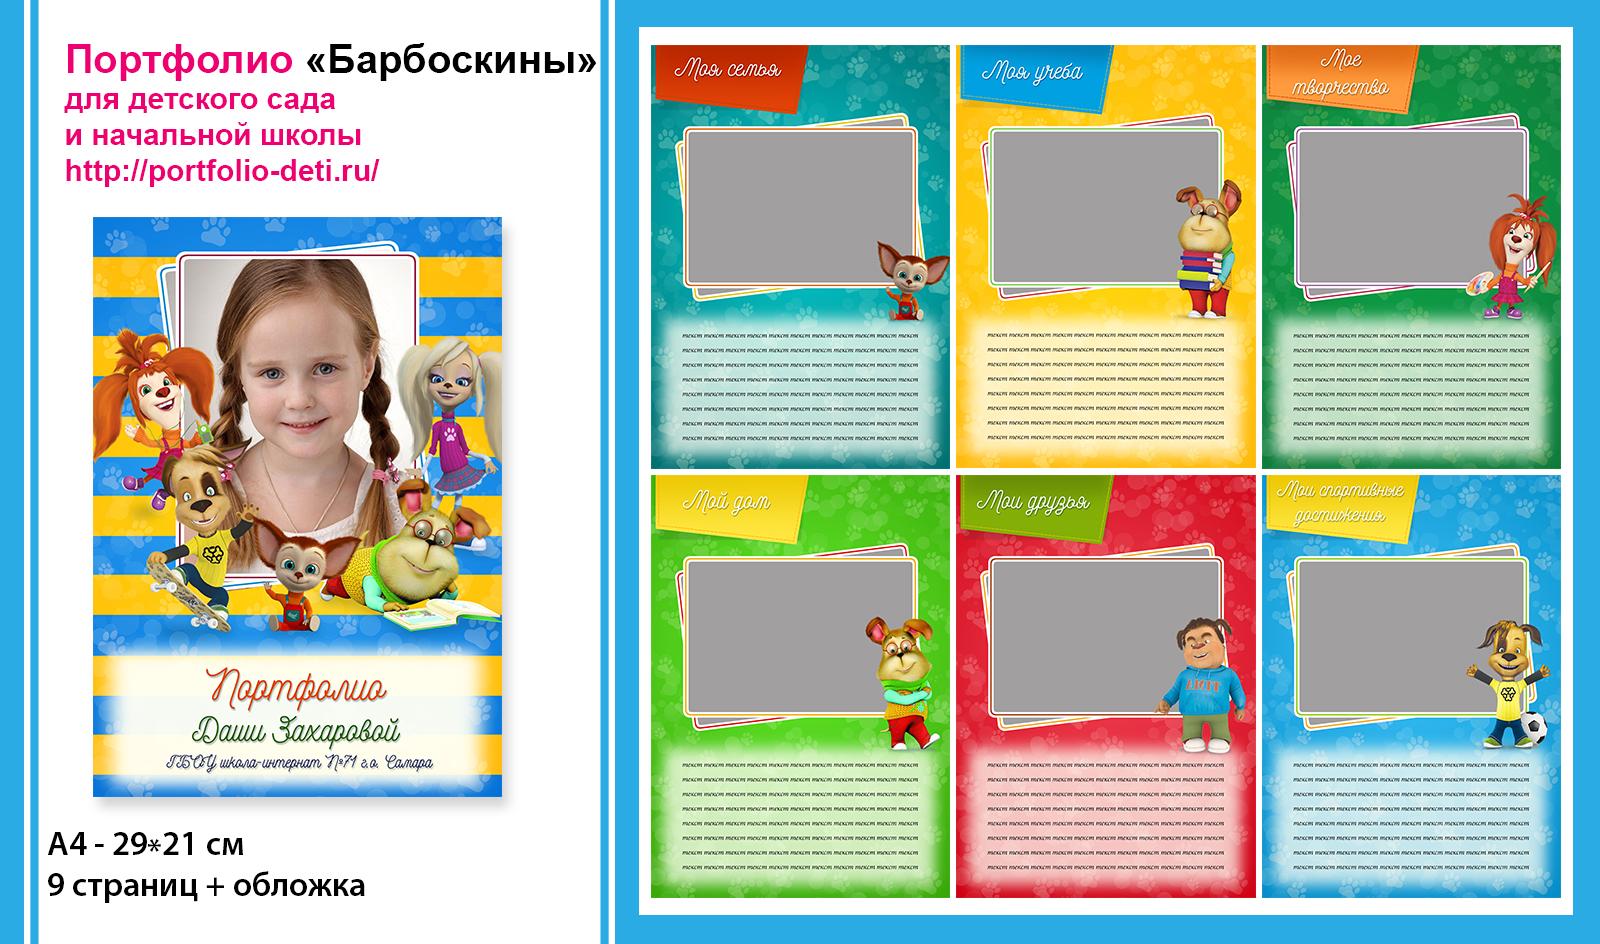 """портфолио для детского сада и начальной школы с героями мультфильма """"Барбоскины"""""""